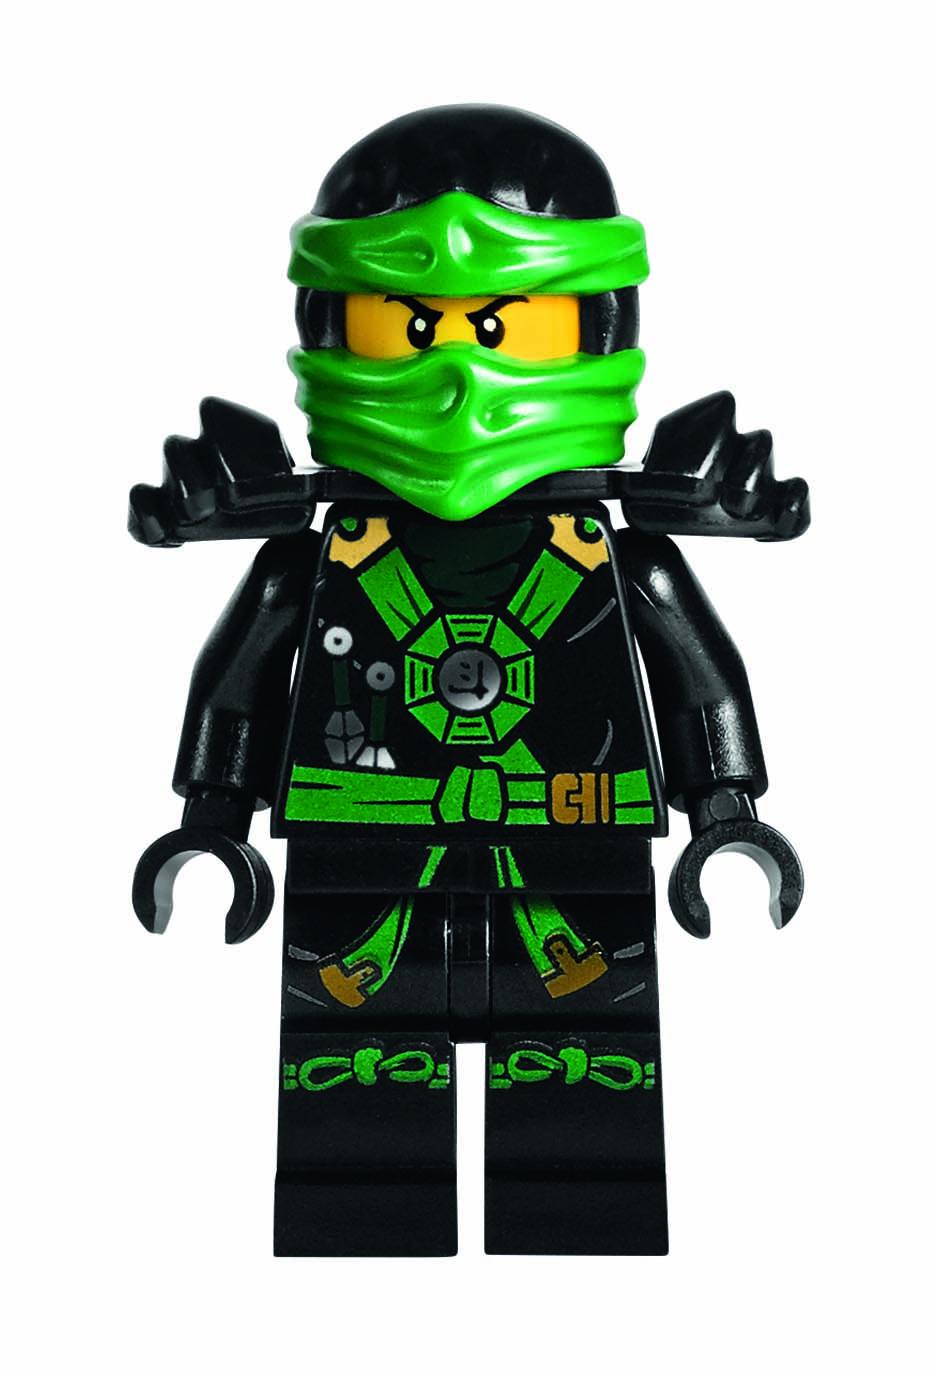 Preview LEGO 70751 Ninjago Temple Of AirJitsu El